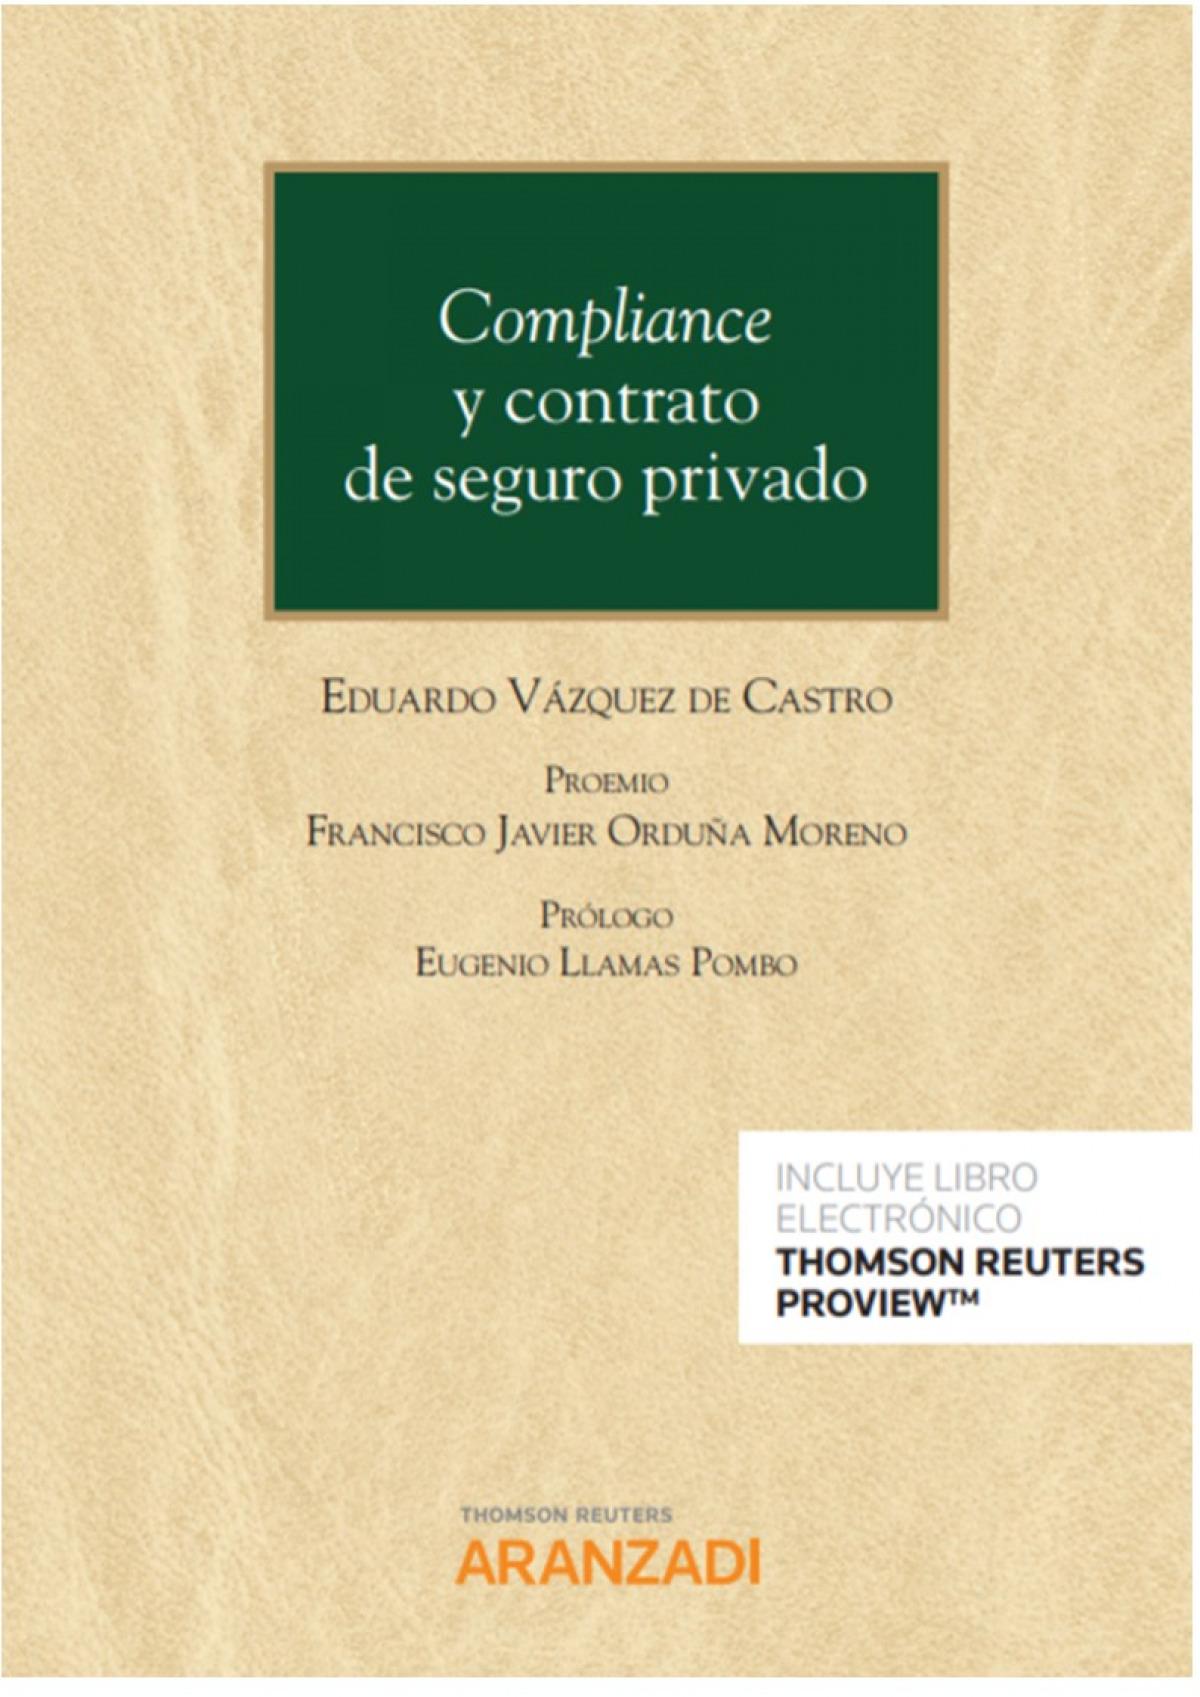 Compliance y contrato de seguro privado (dúo) 9788413454160